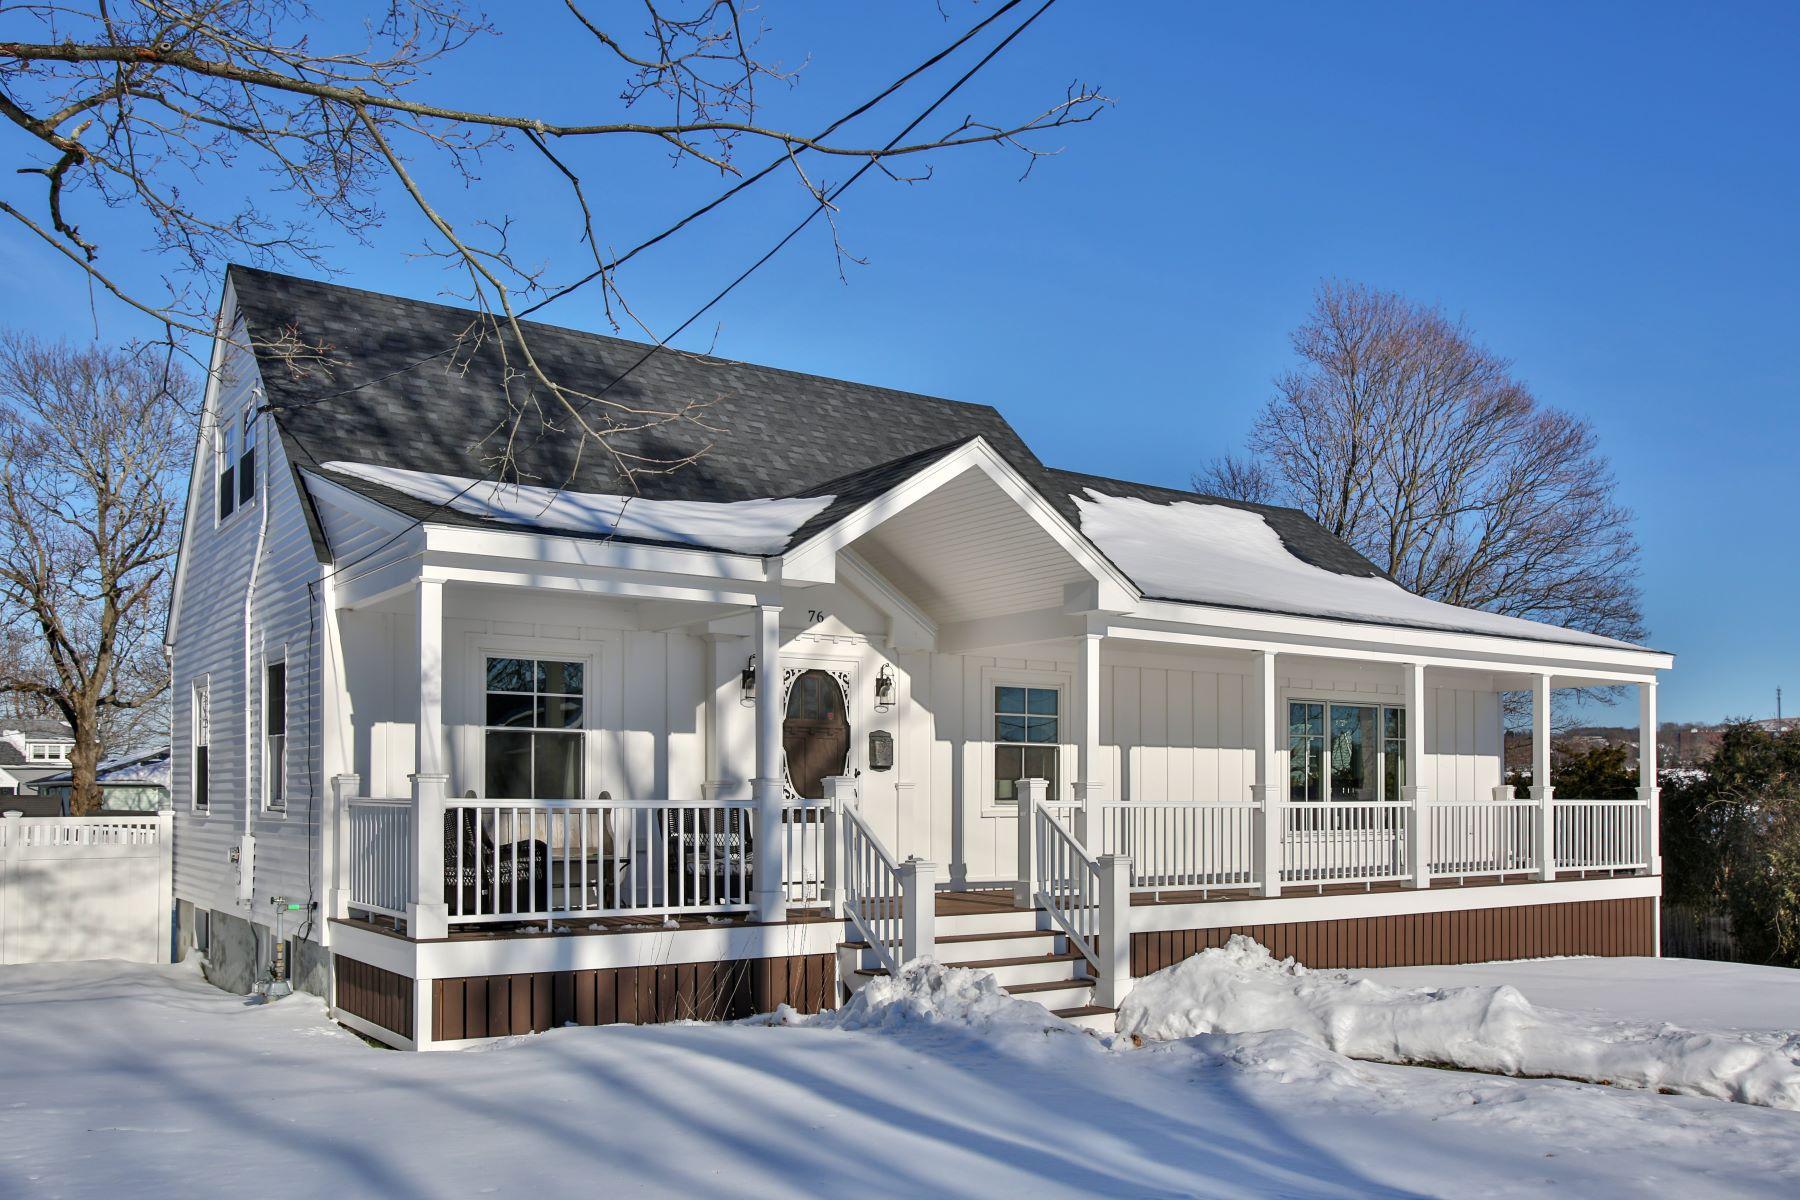 独户住宅 为 销售 在 76 Gay St, Somerset, MA Somerset, 马萨诸塞州, 02726 美国